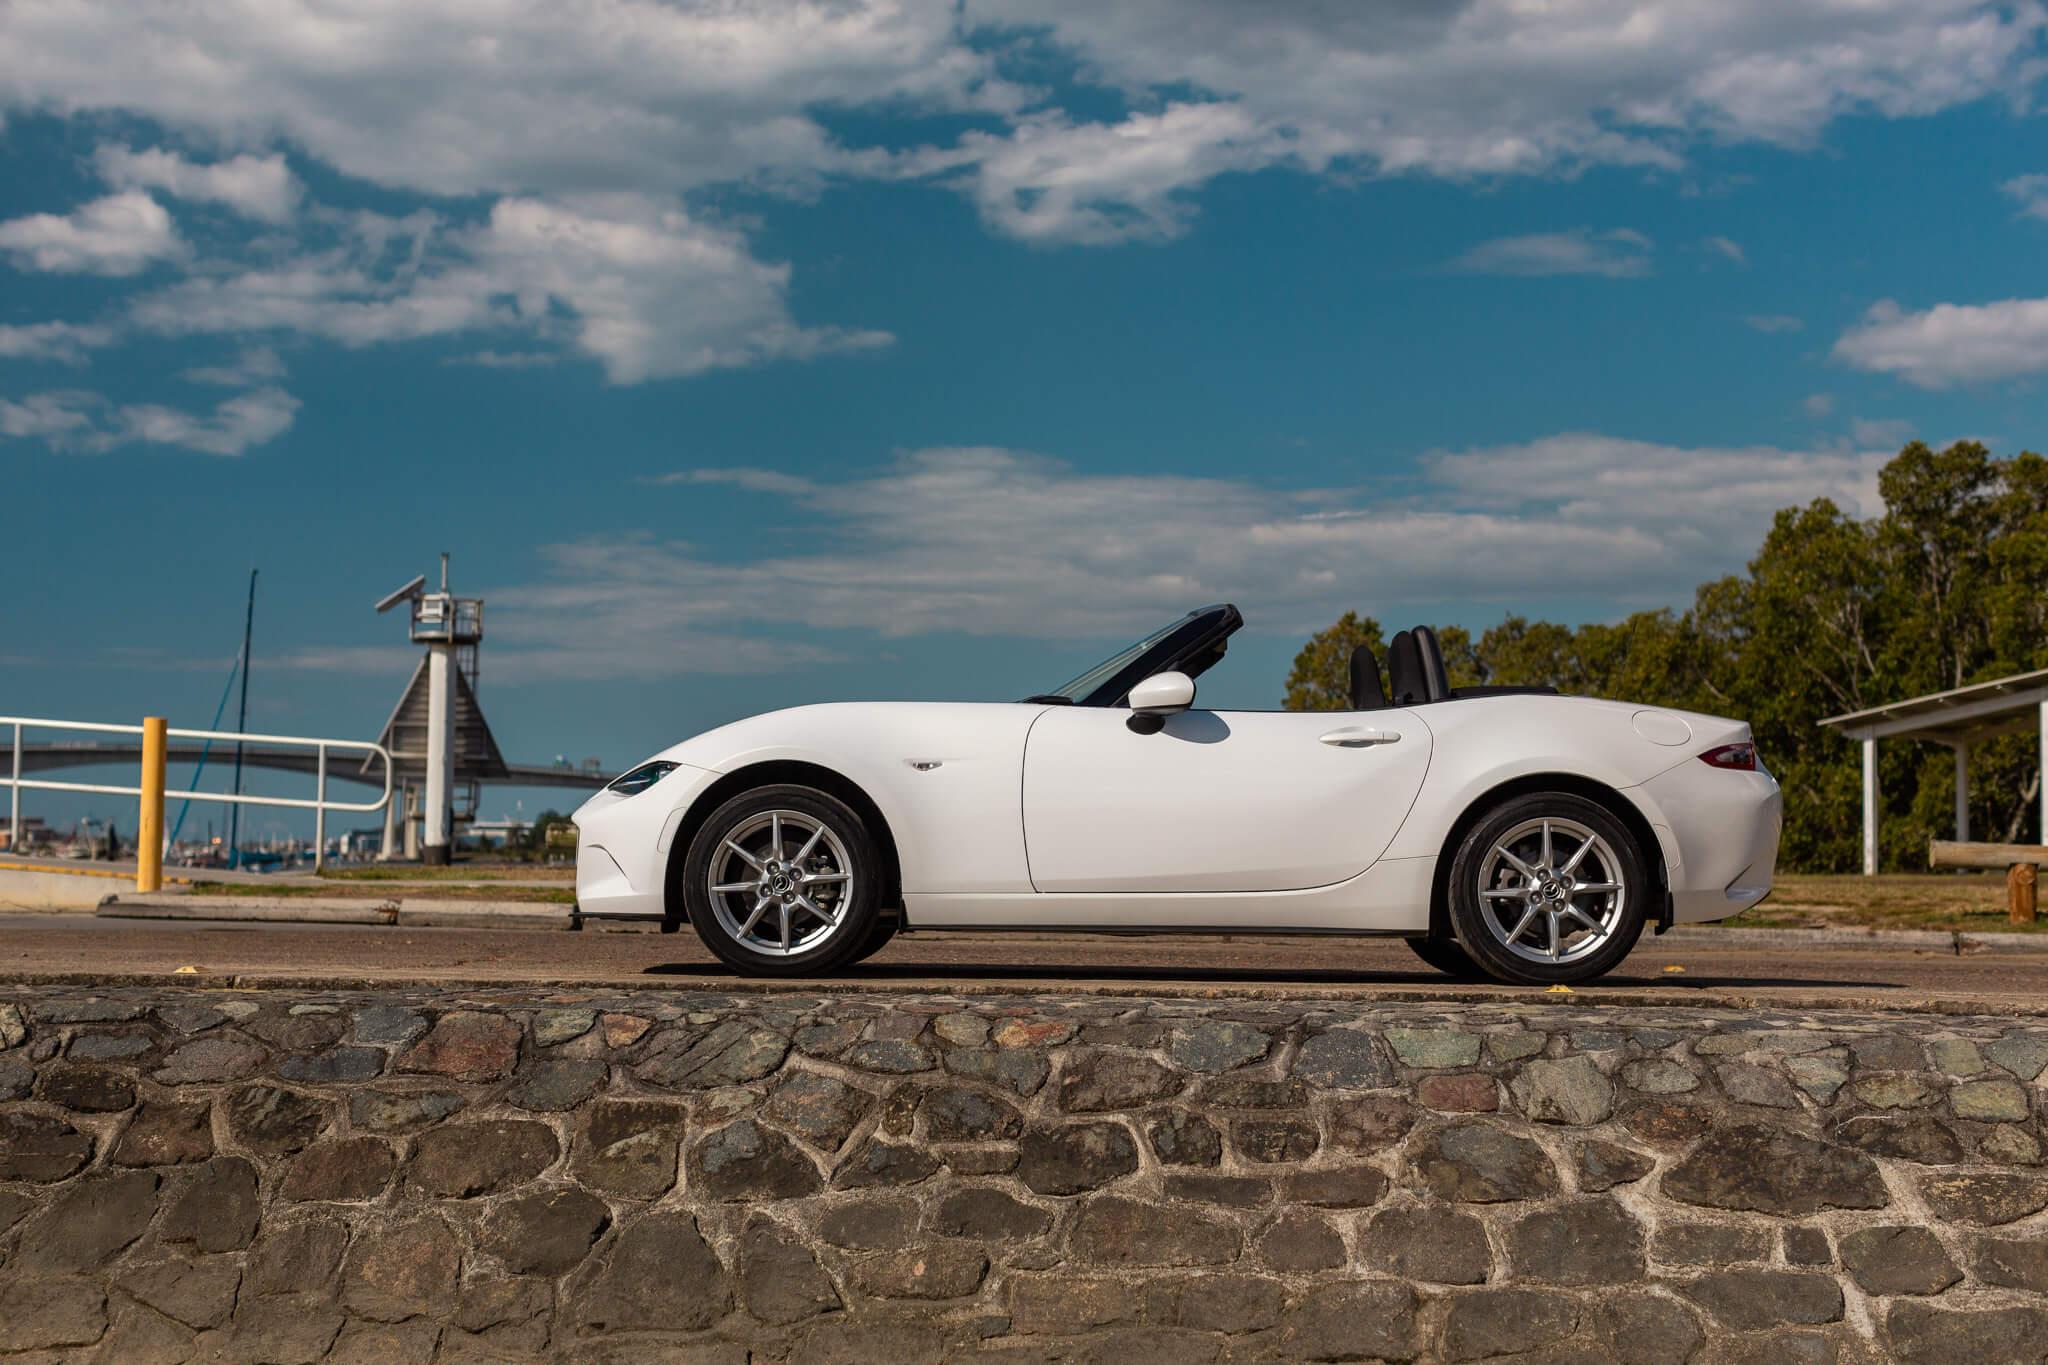 For Sale 2015 Mazda MX-5 White Convertible